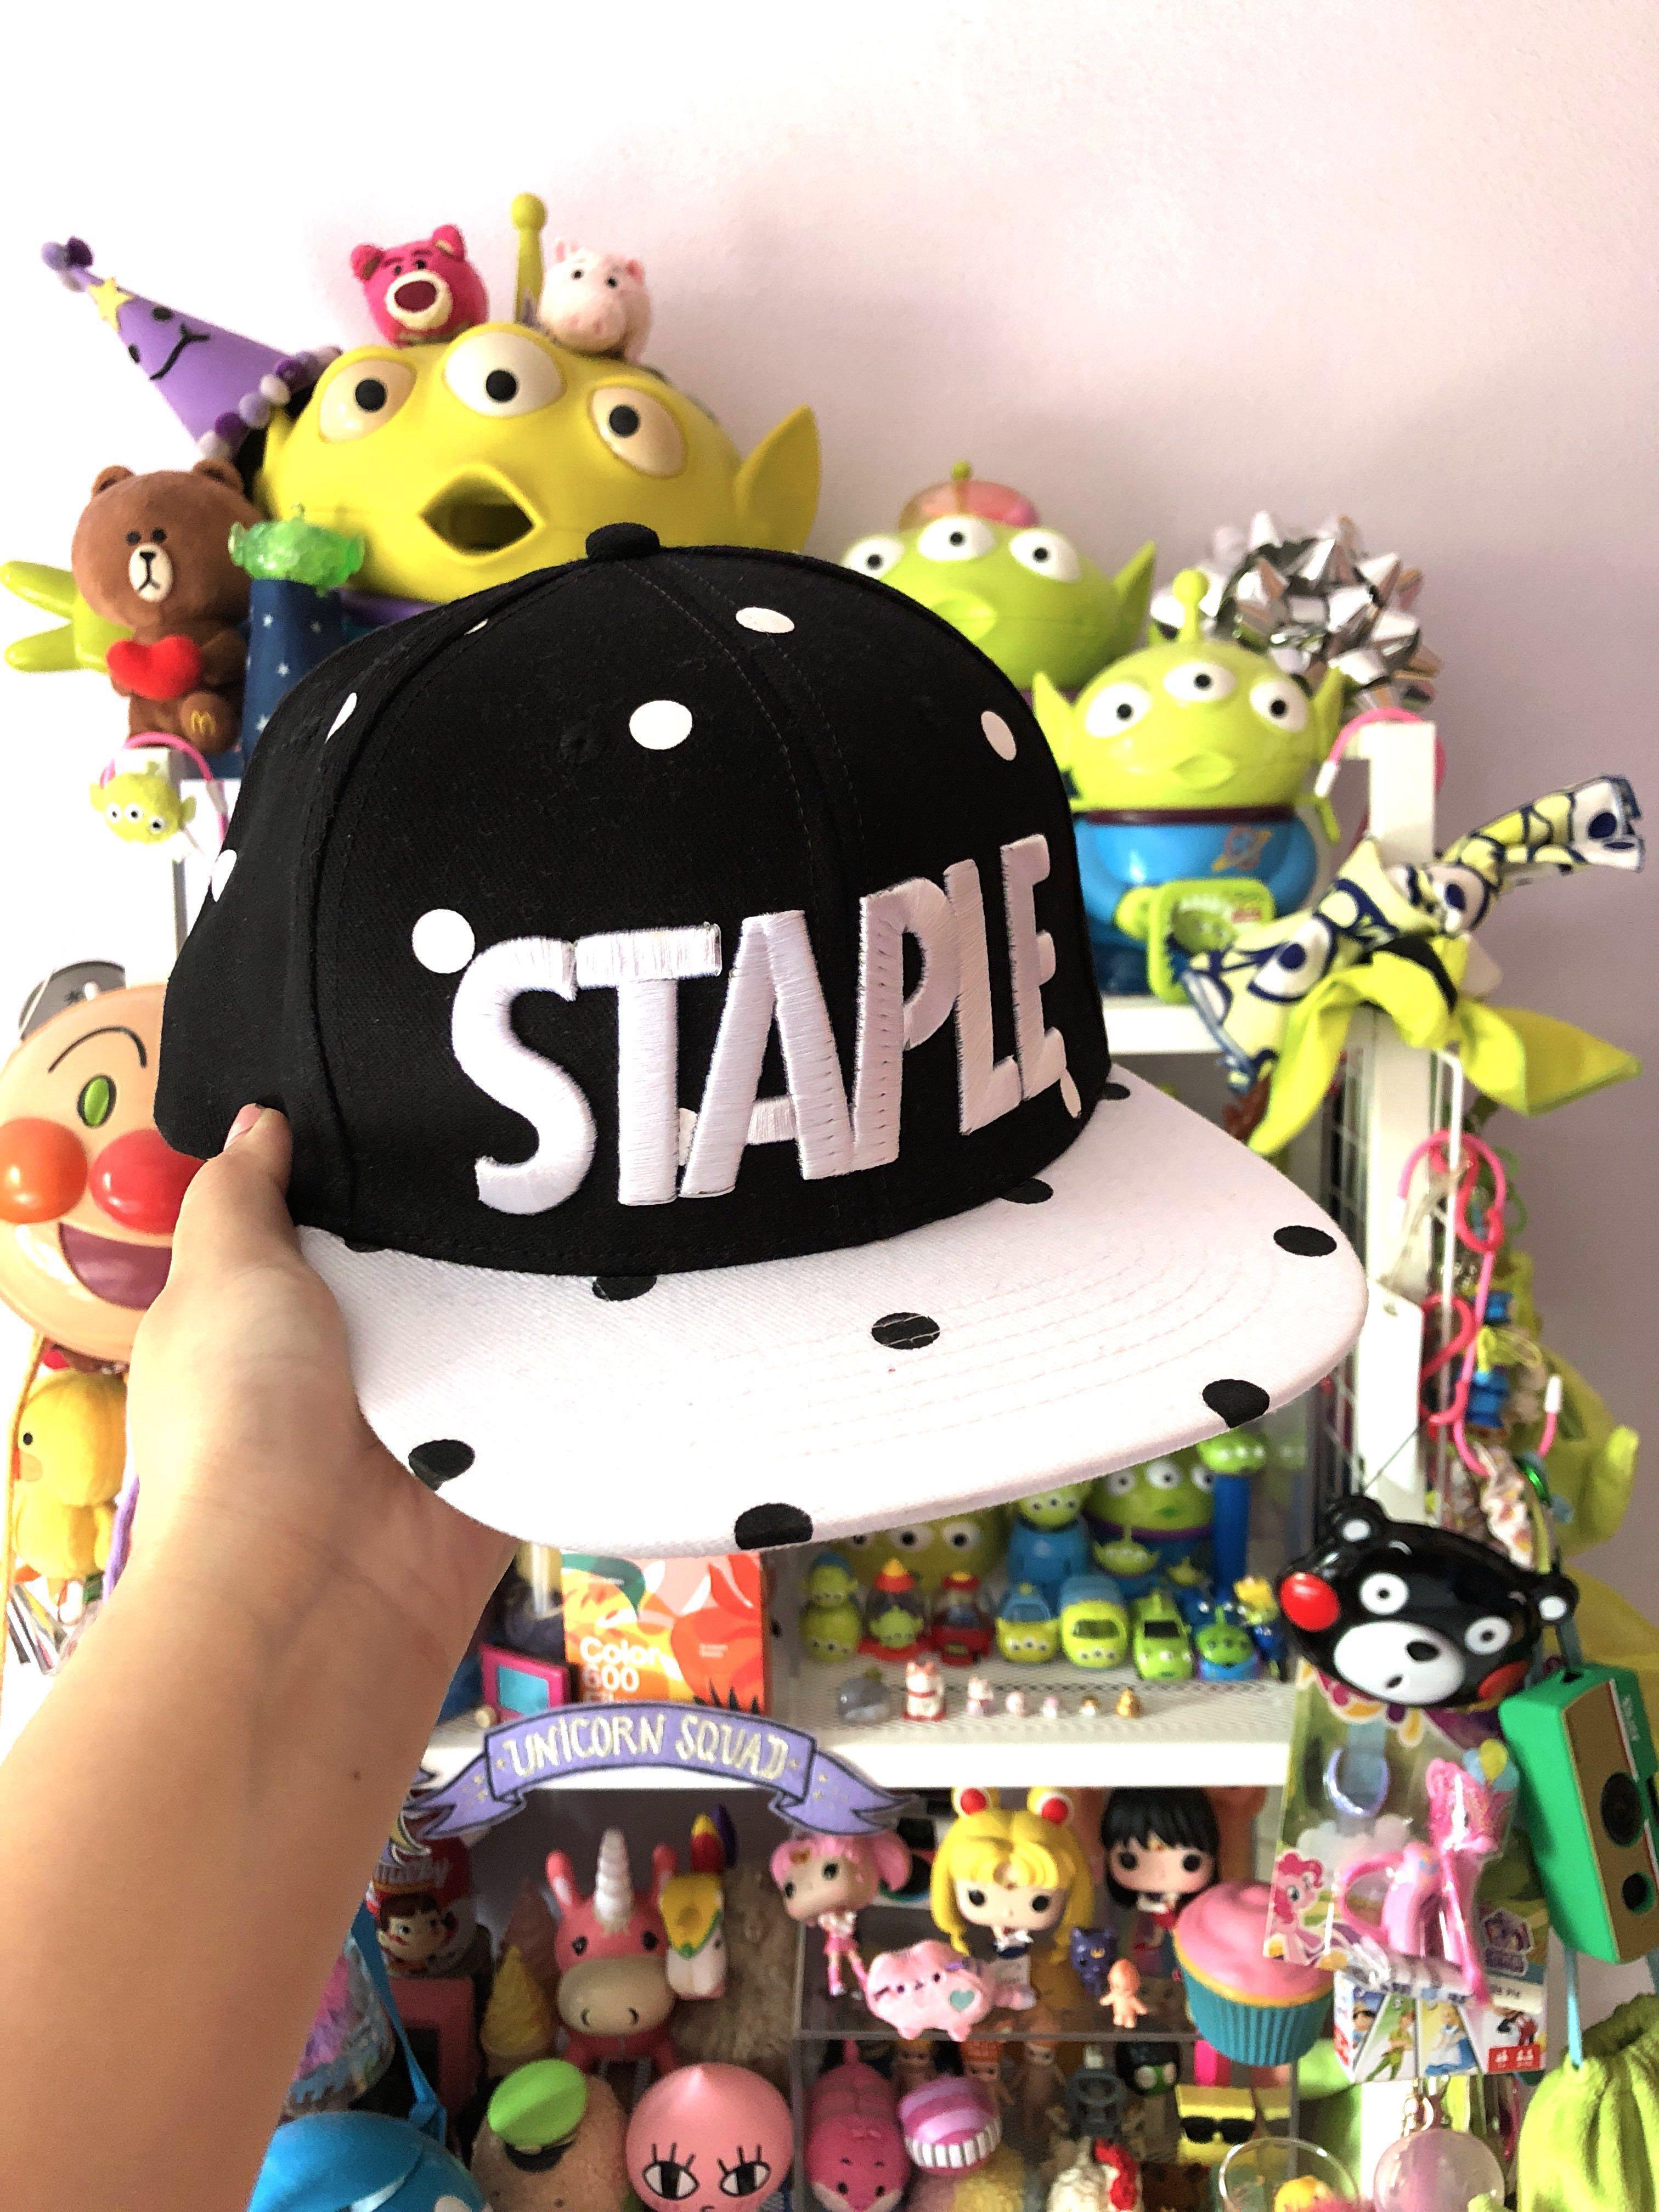 Staple Poka Dots SnapBack